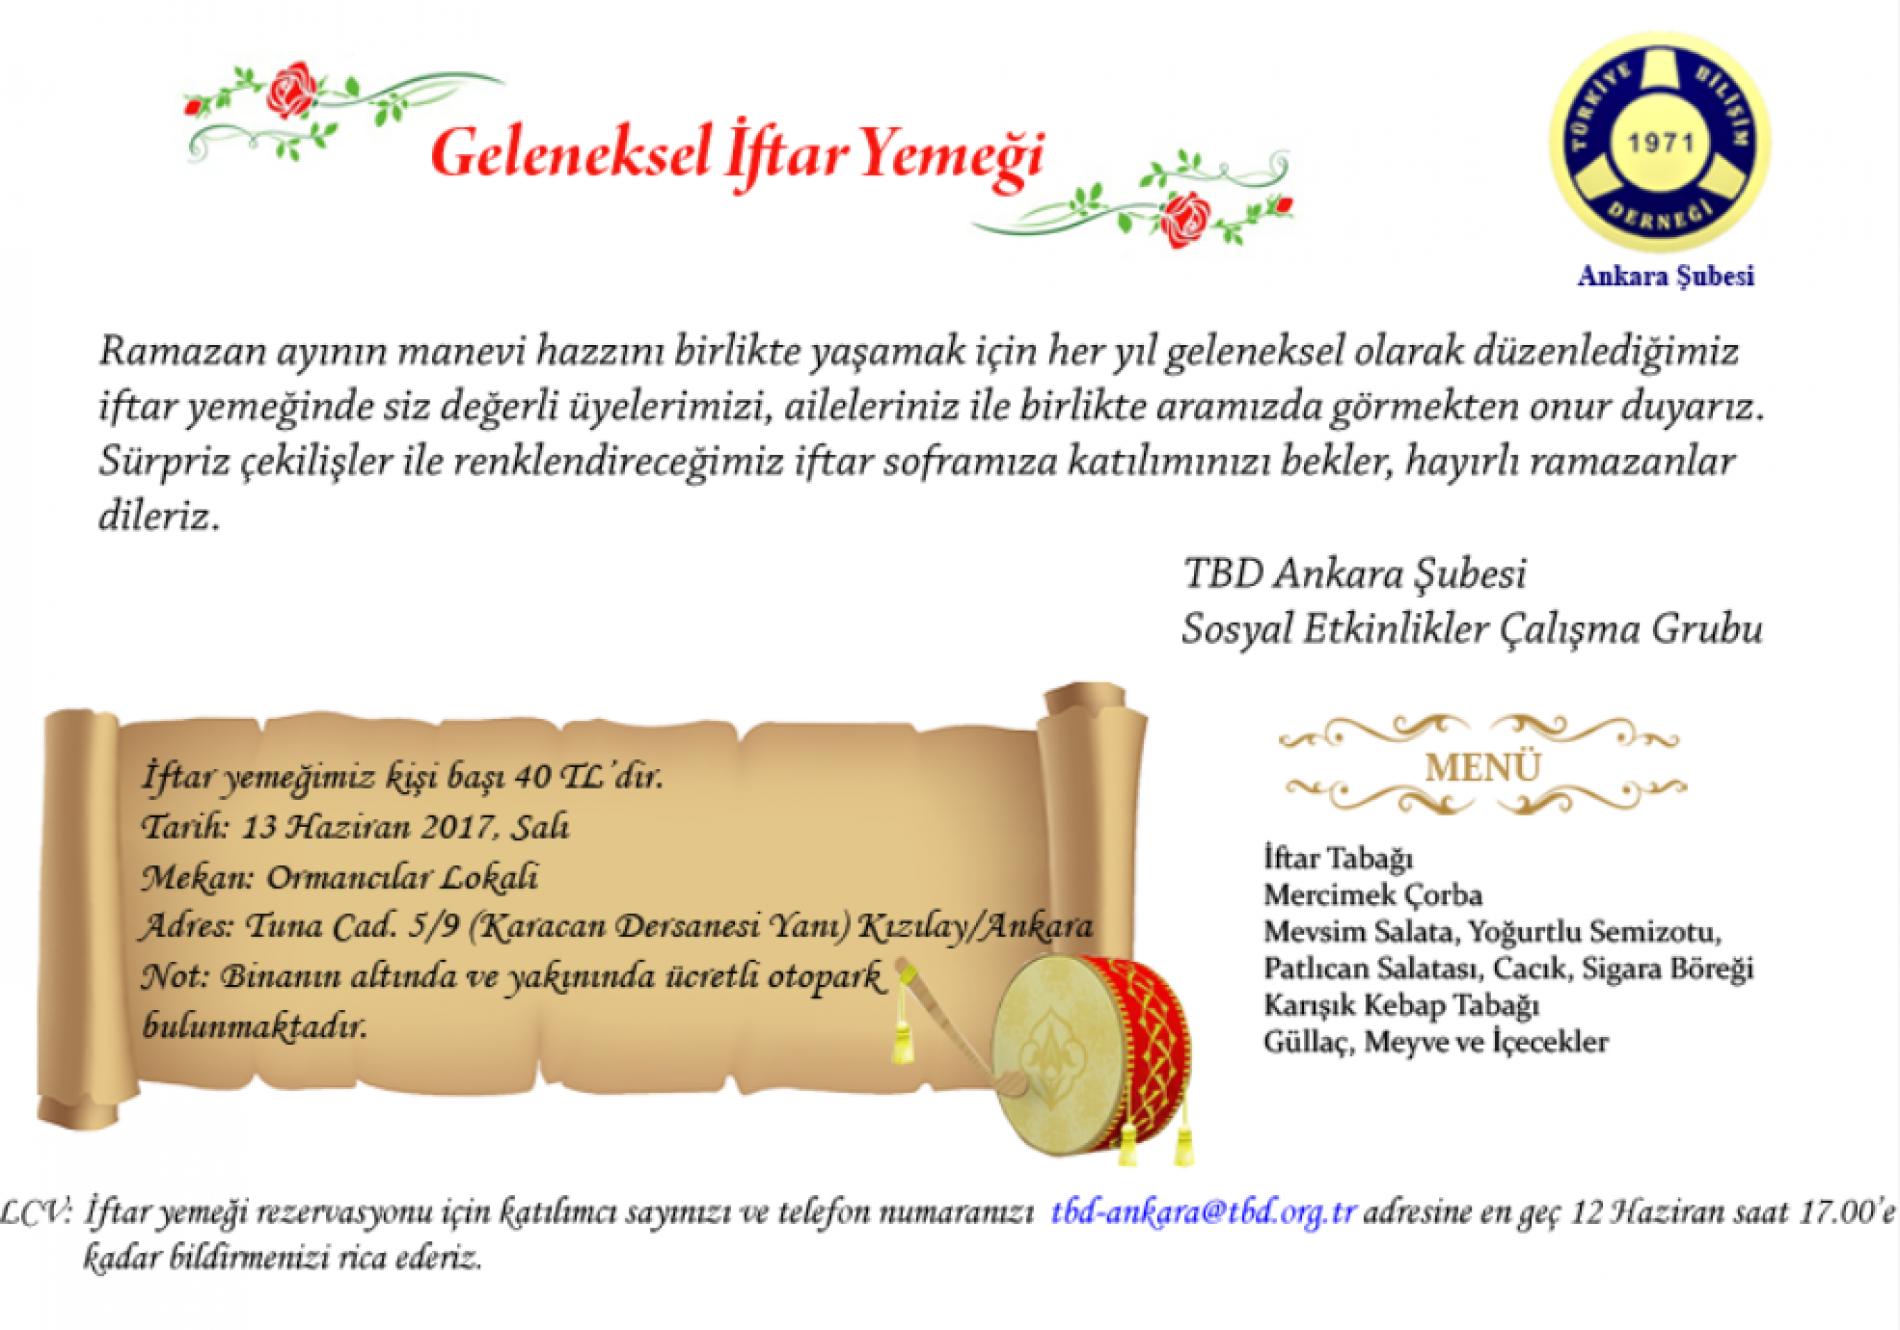 TBD Ankara Şubesi Geleneksel İftar Yemeği